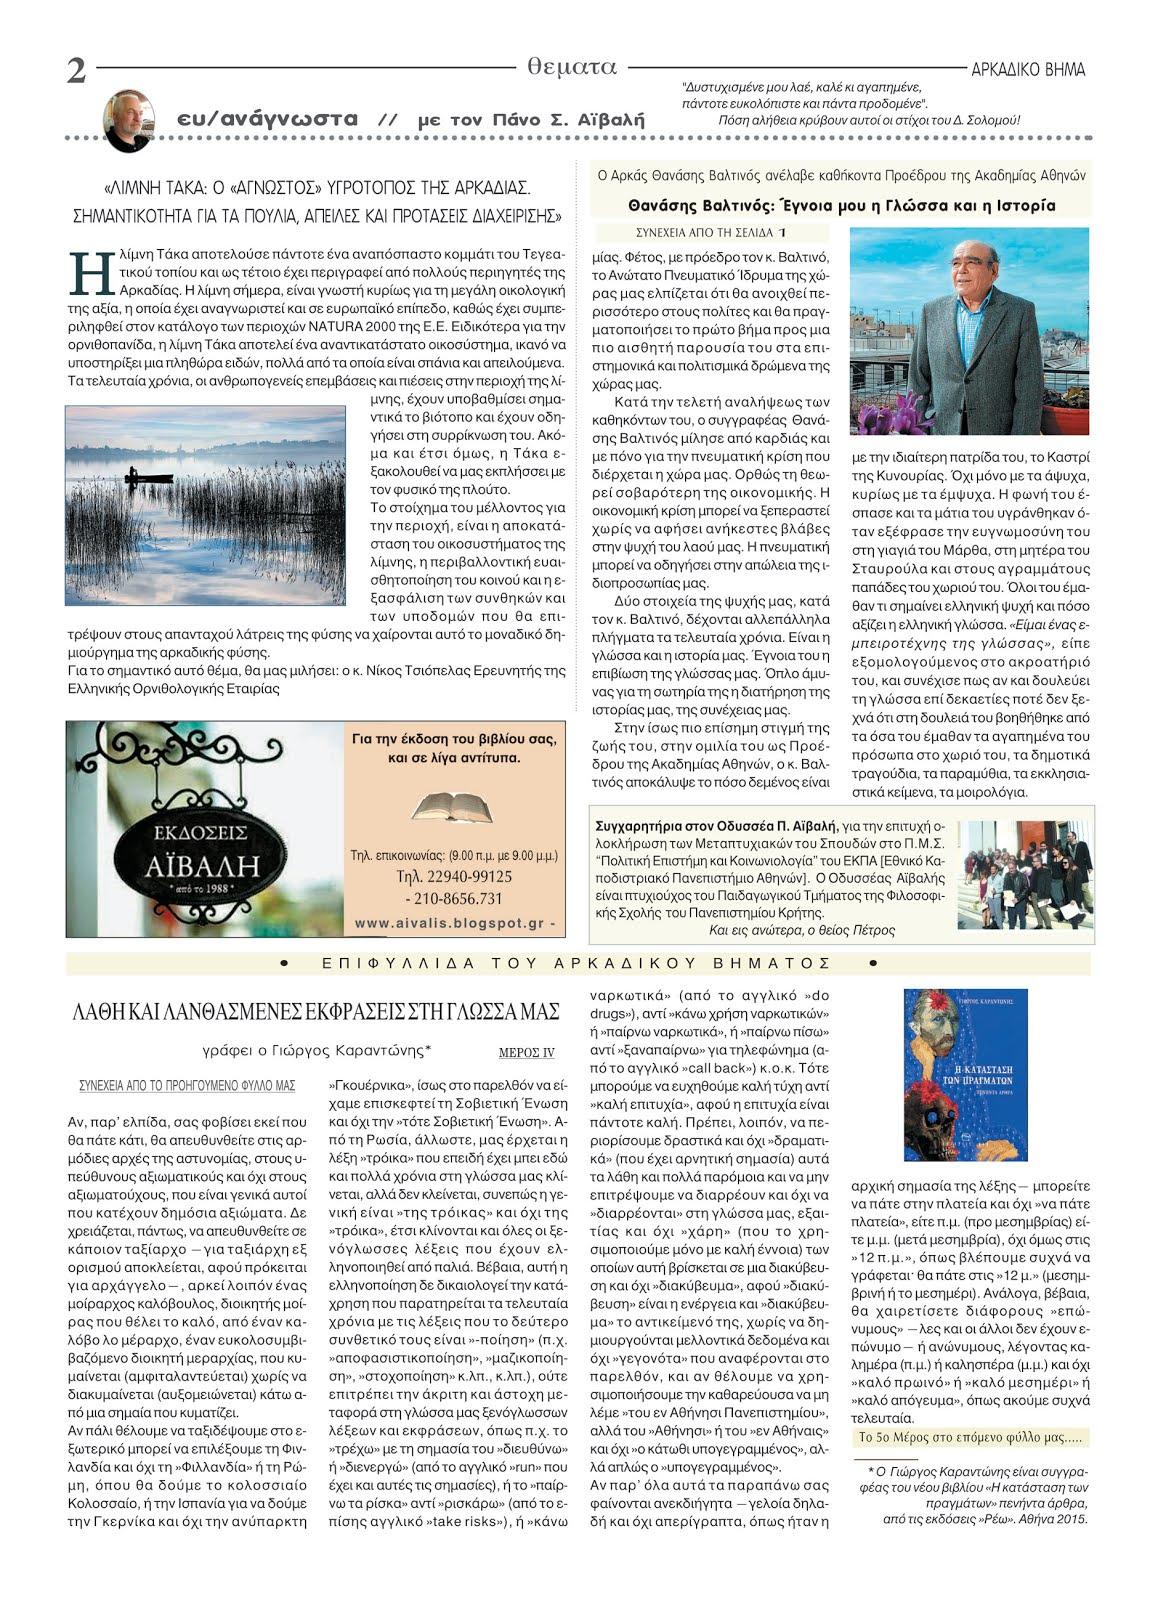 Αρκαδικό Βήμα κυκλοφόρησε το νέο φύλλο